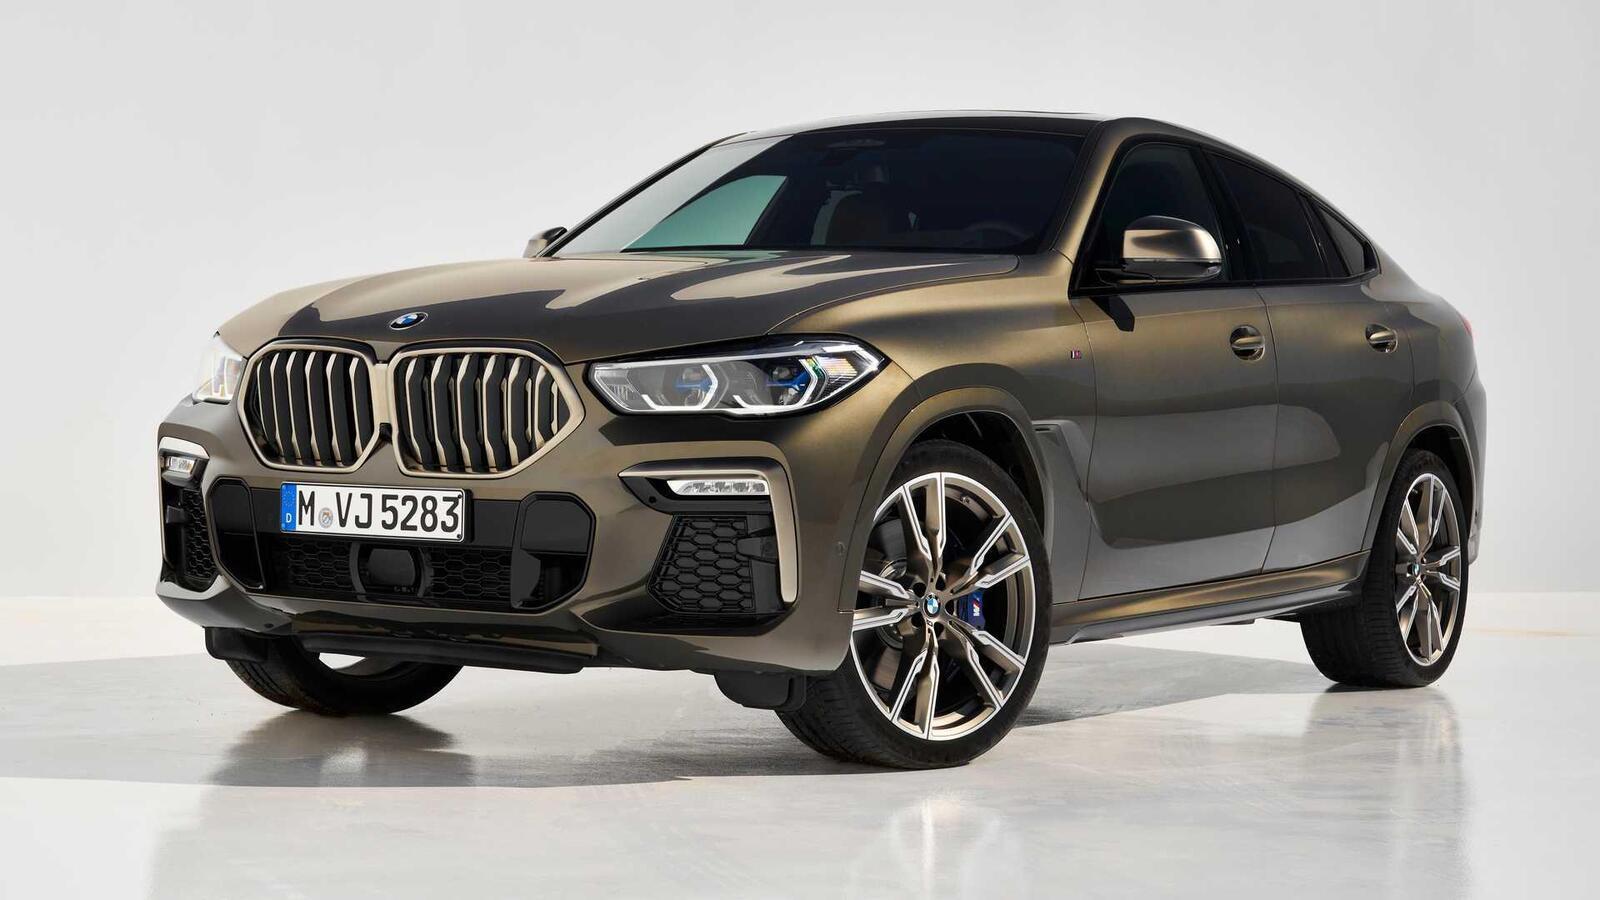 Thế hệ mới BMW X6 2020 chính thức ra mắt - Hình 7